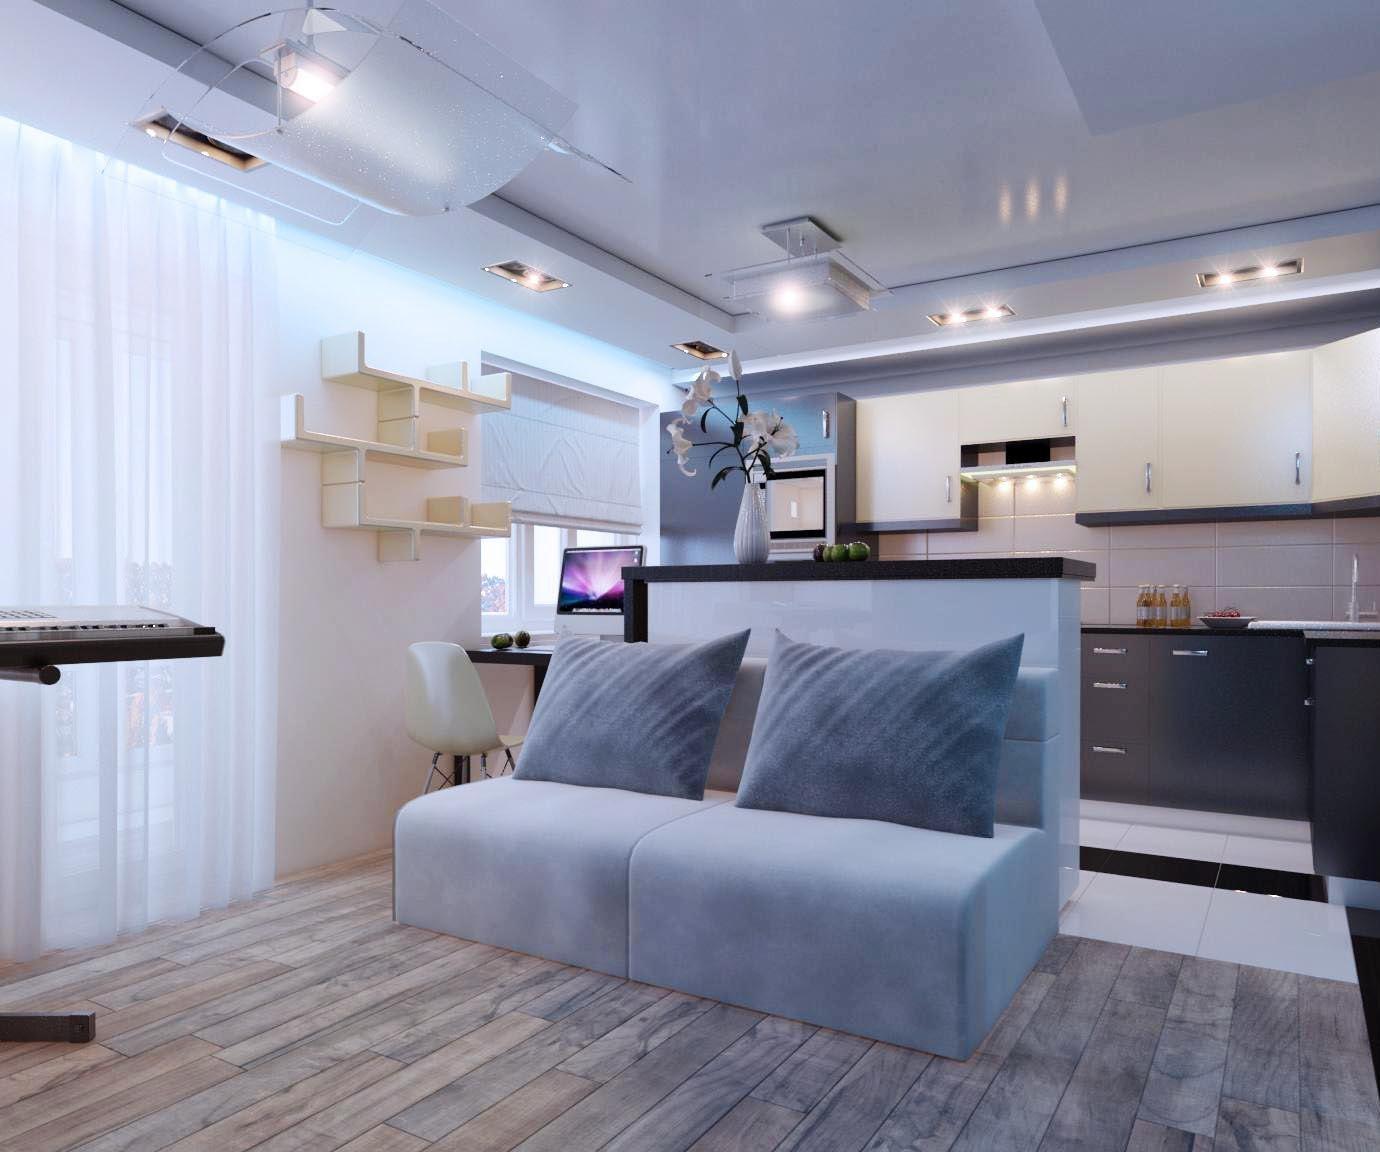 Освещение в однокомнатной квартире 33 кв м